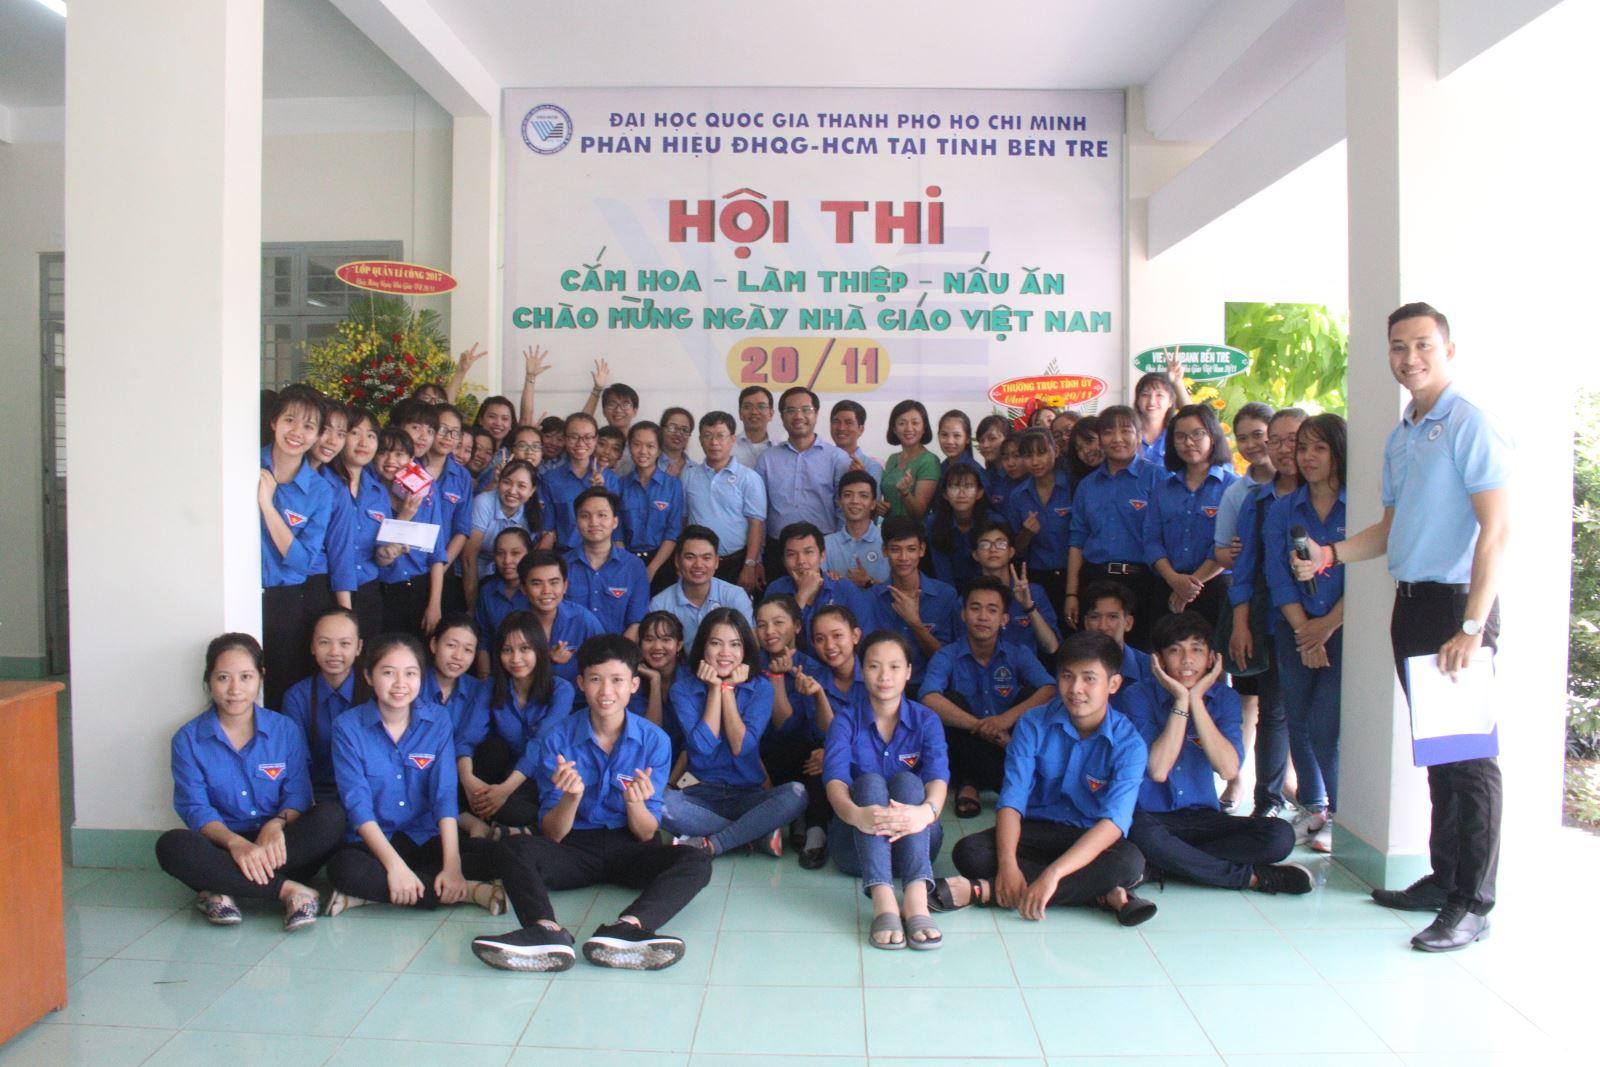 Hội thi ``Cắm hoa - Làm thiệp - Nấu ăn Chào mừng 36 năm Ngày Nhà giáo Việt Nam 20/11/1982 - 20/11/2018`` tại Phân hiệu ĐHQG-HCM tại tỉnh Bến Tre